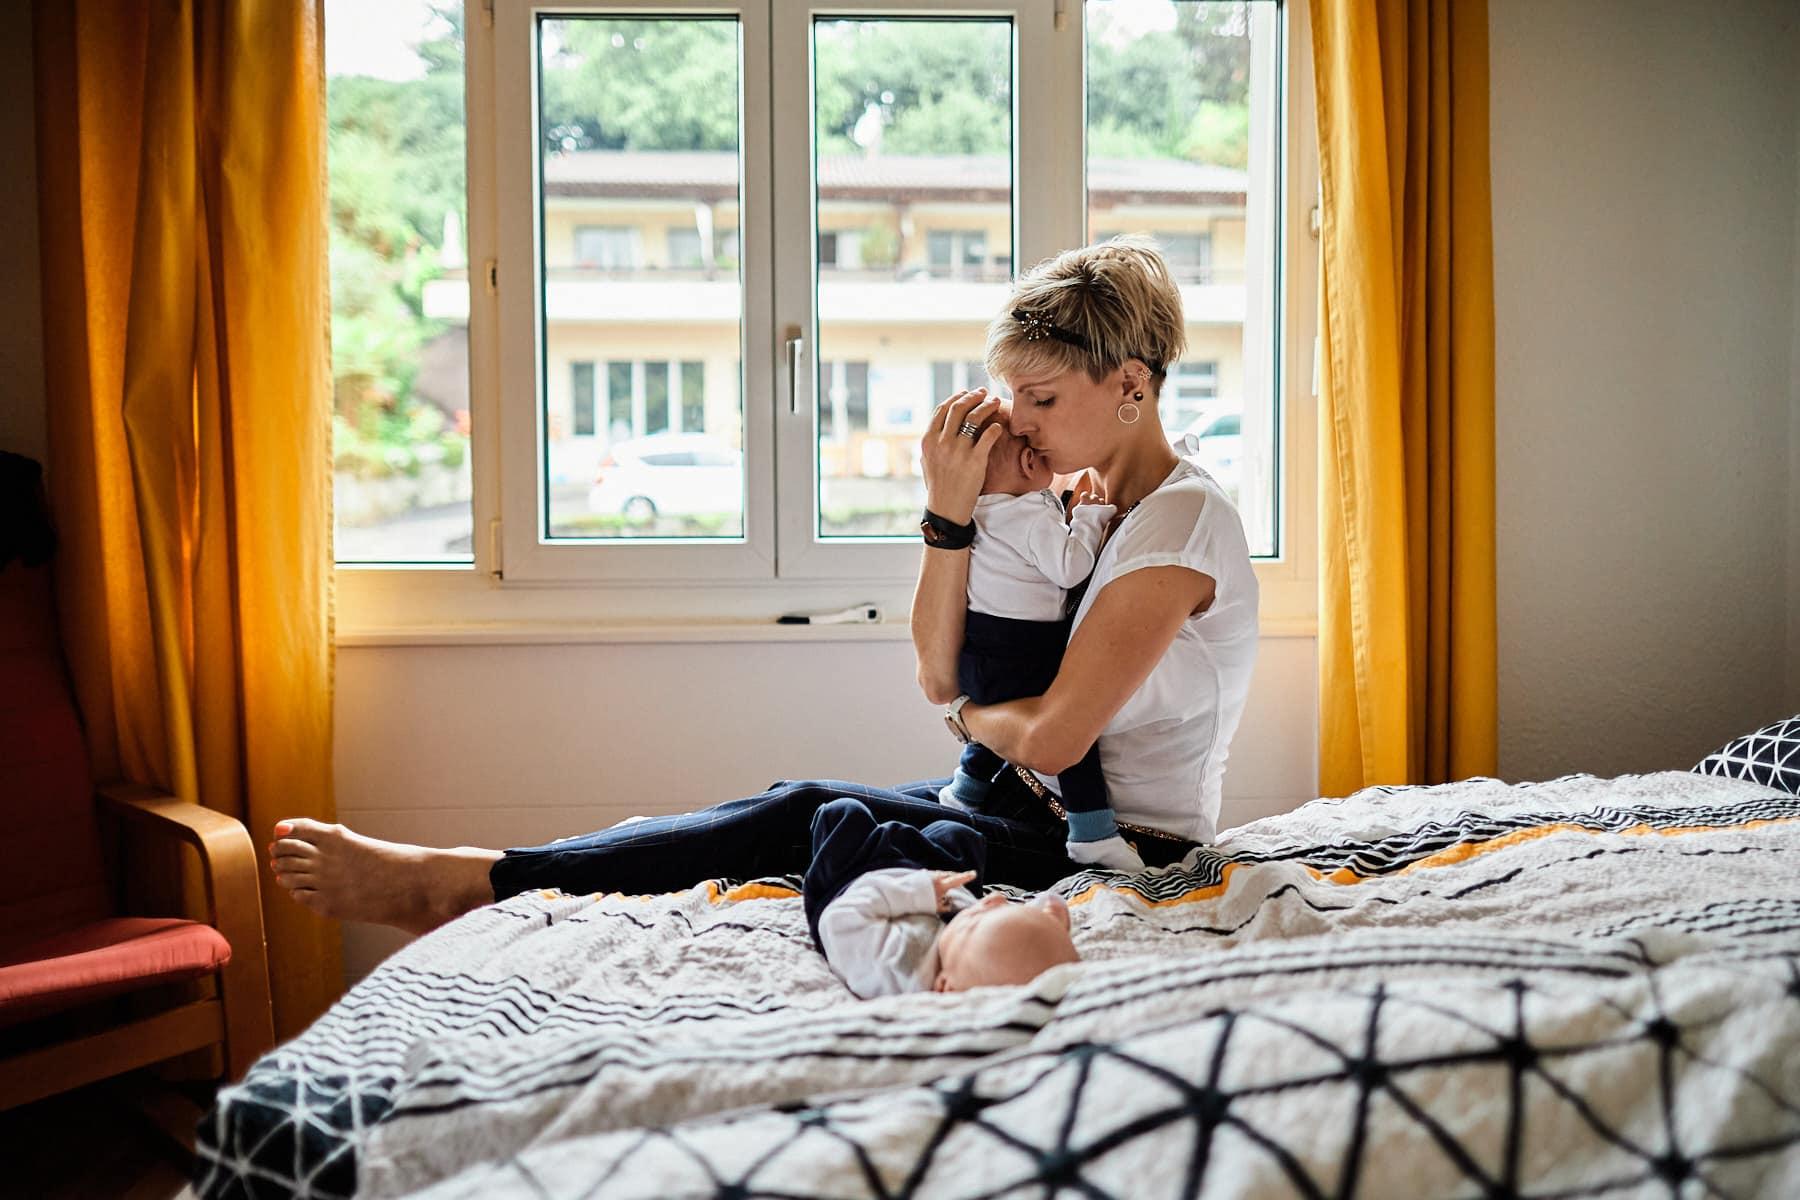 Photographe bébé en suisse